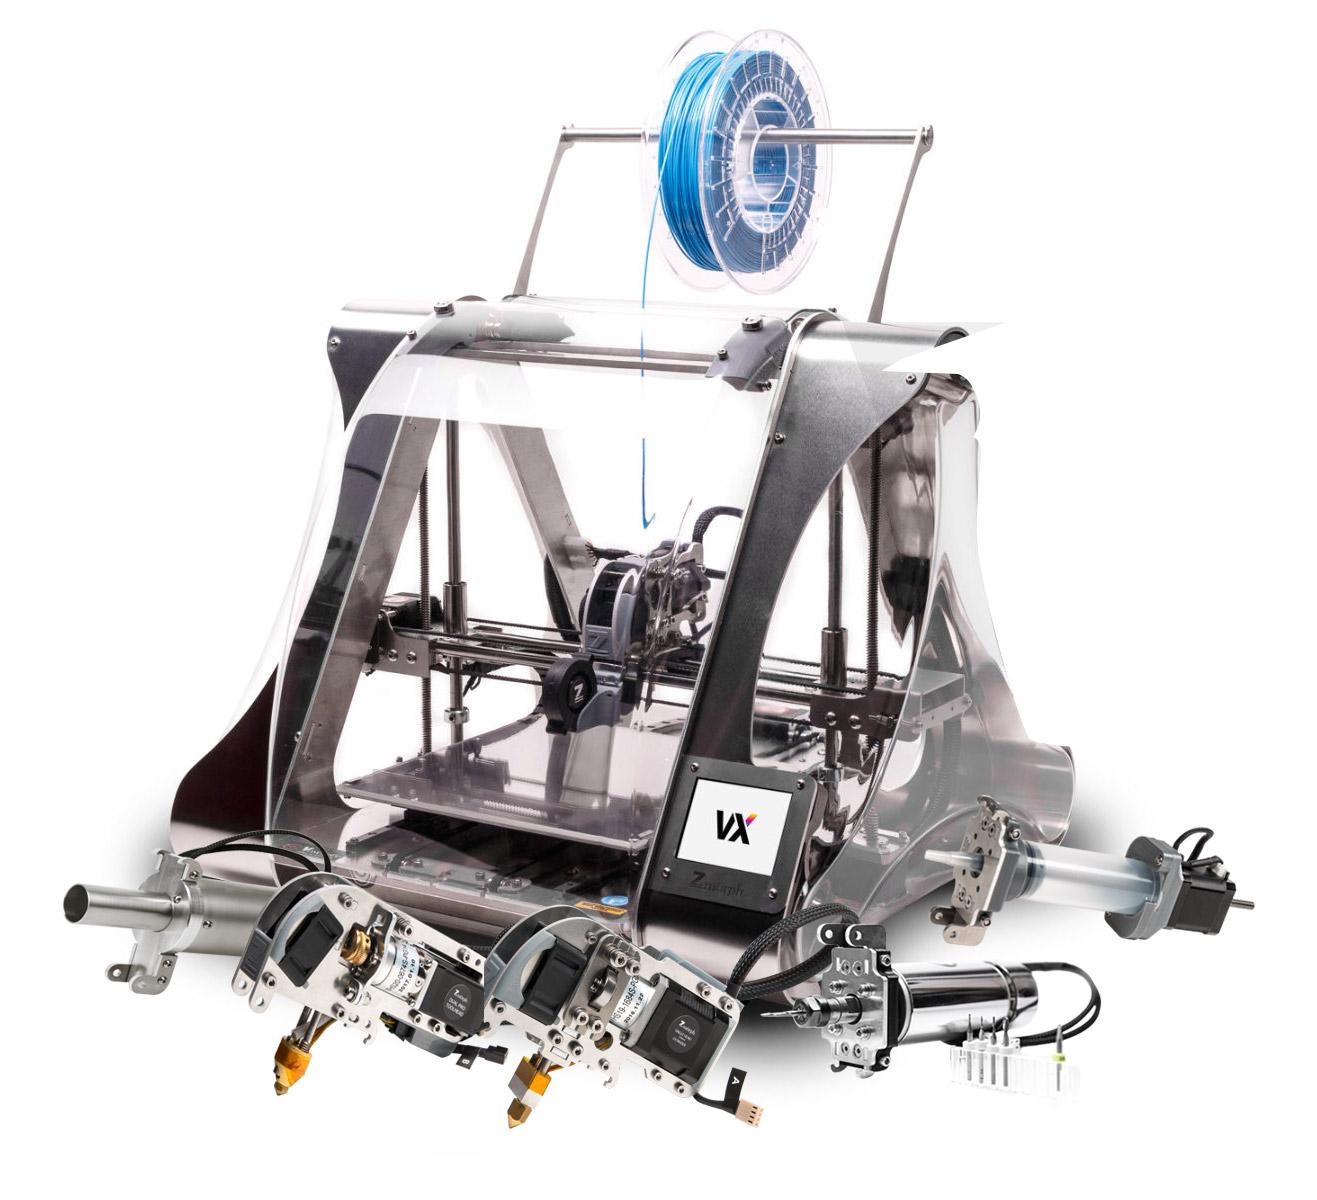 Imprimante 3d Zmorph Vx Set Complet Machines 3d